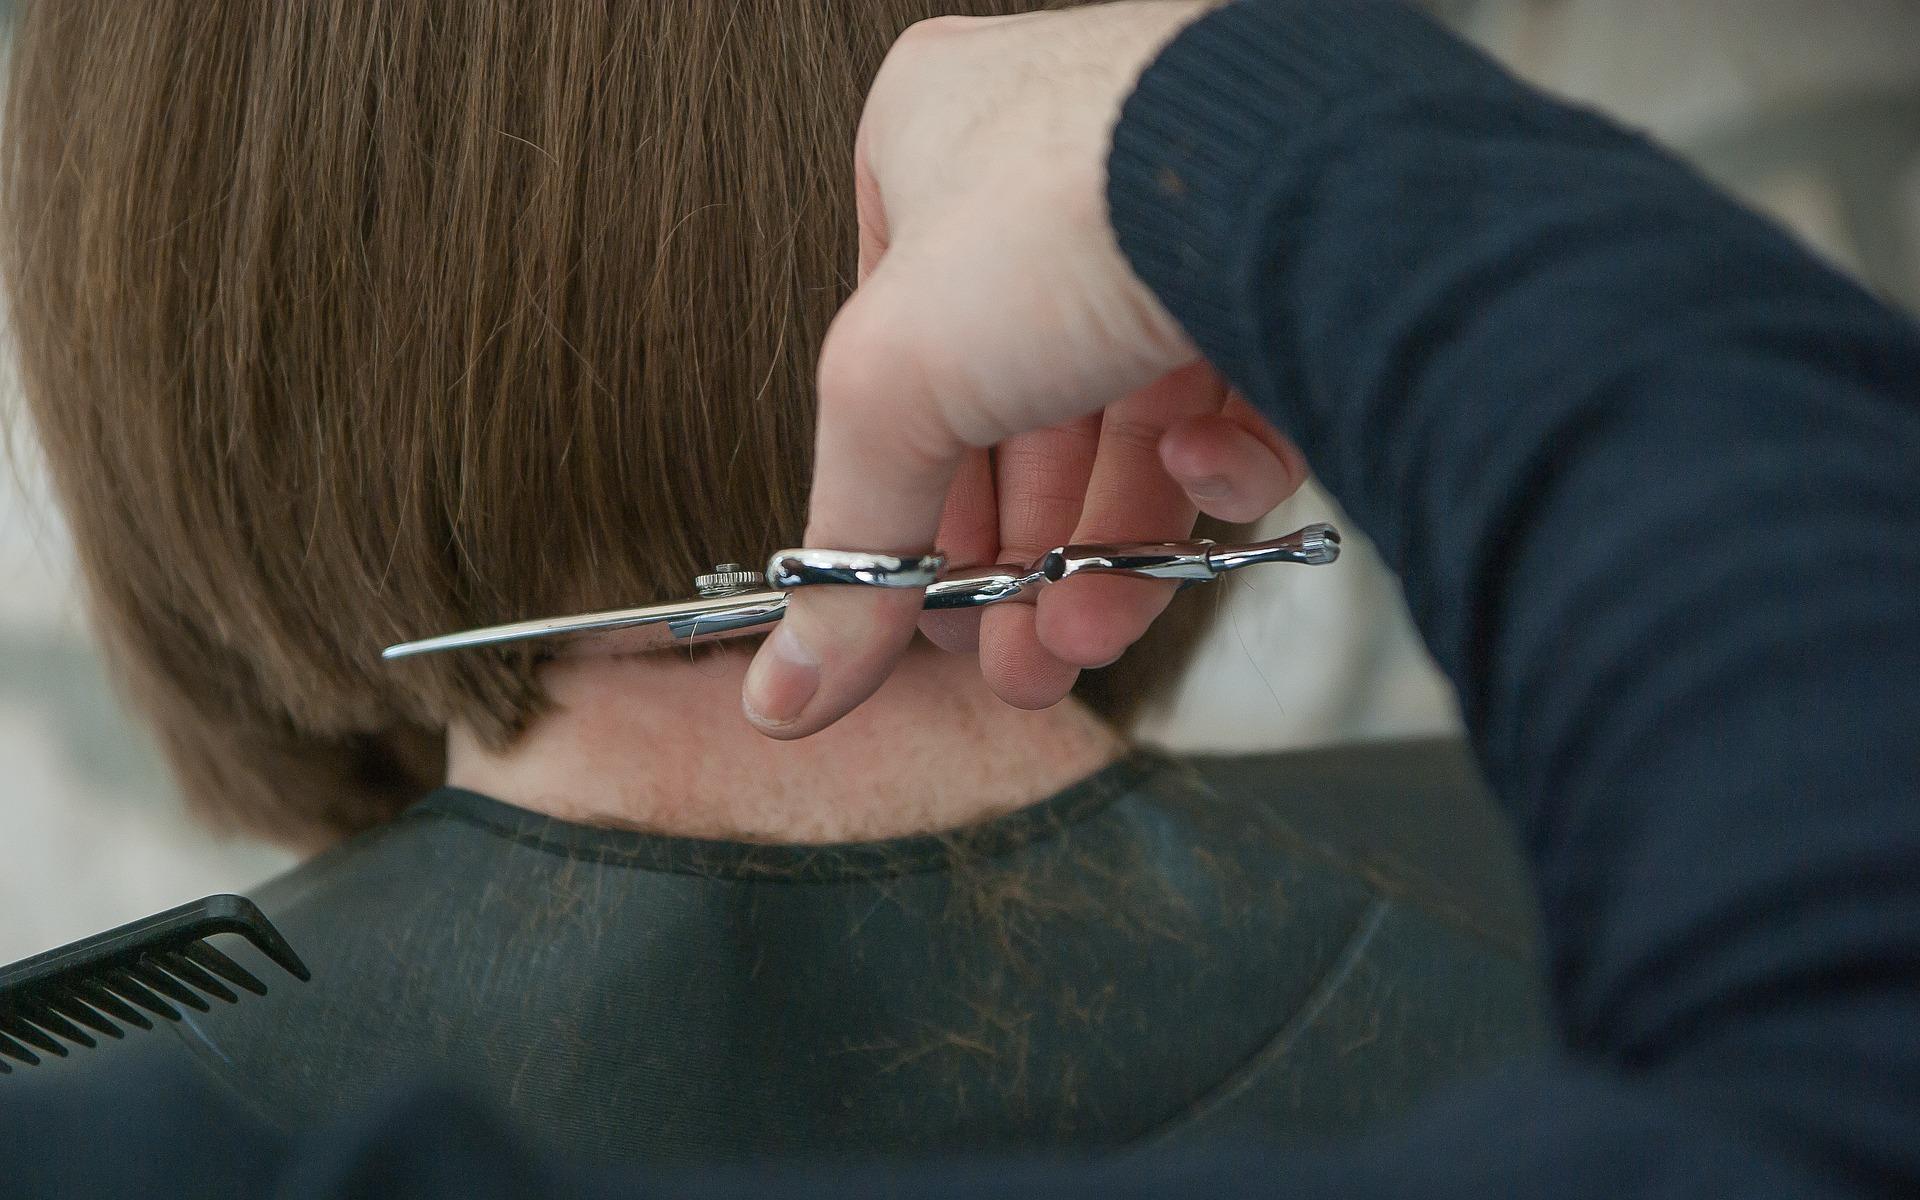 Elektronische Kassensysteme für Friseure: Trotz schärferer Gesetze beruhigt in die Zukunft blicken